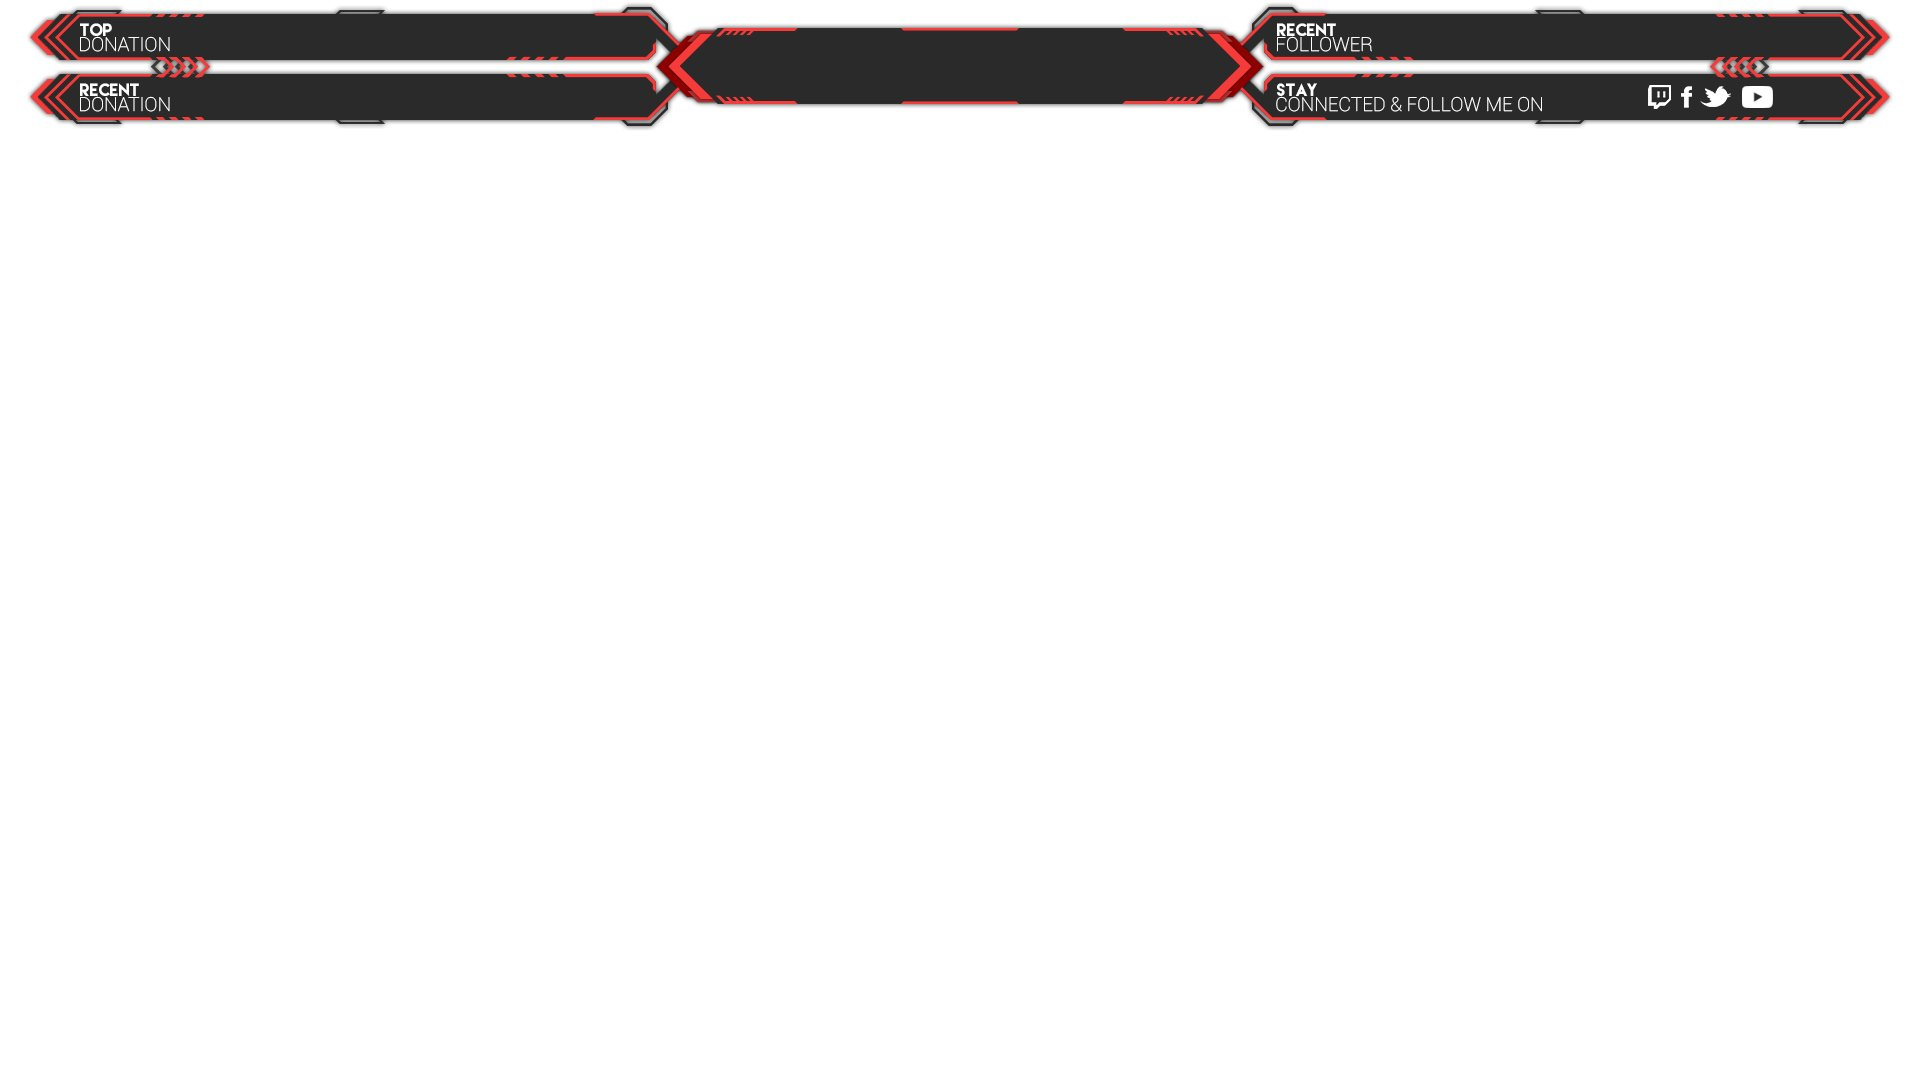 DayZ Overlay for twitch